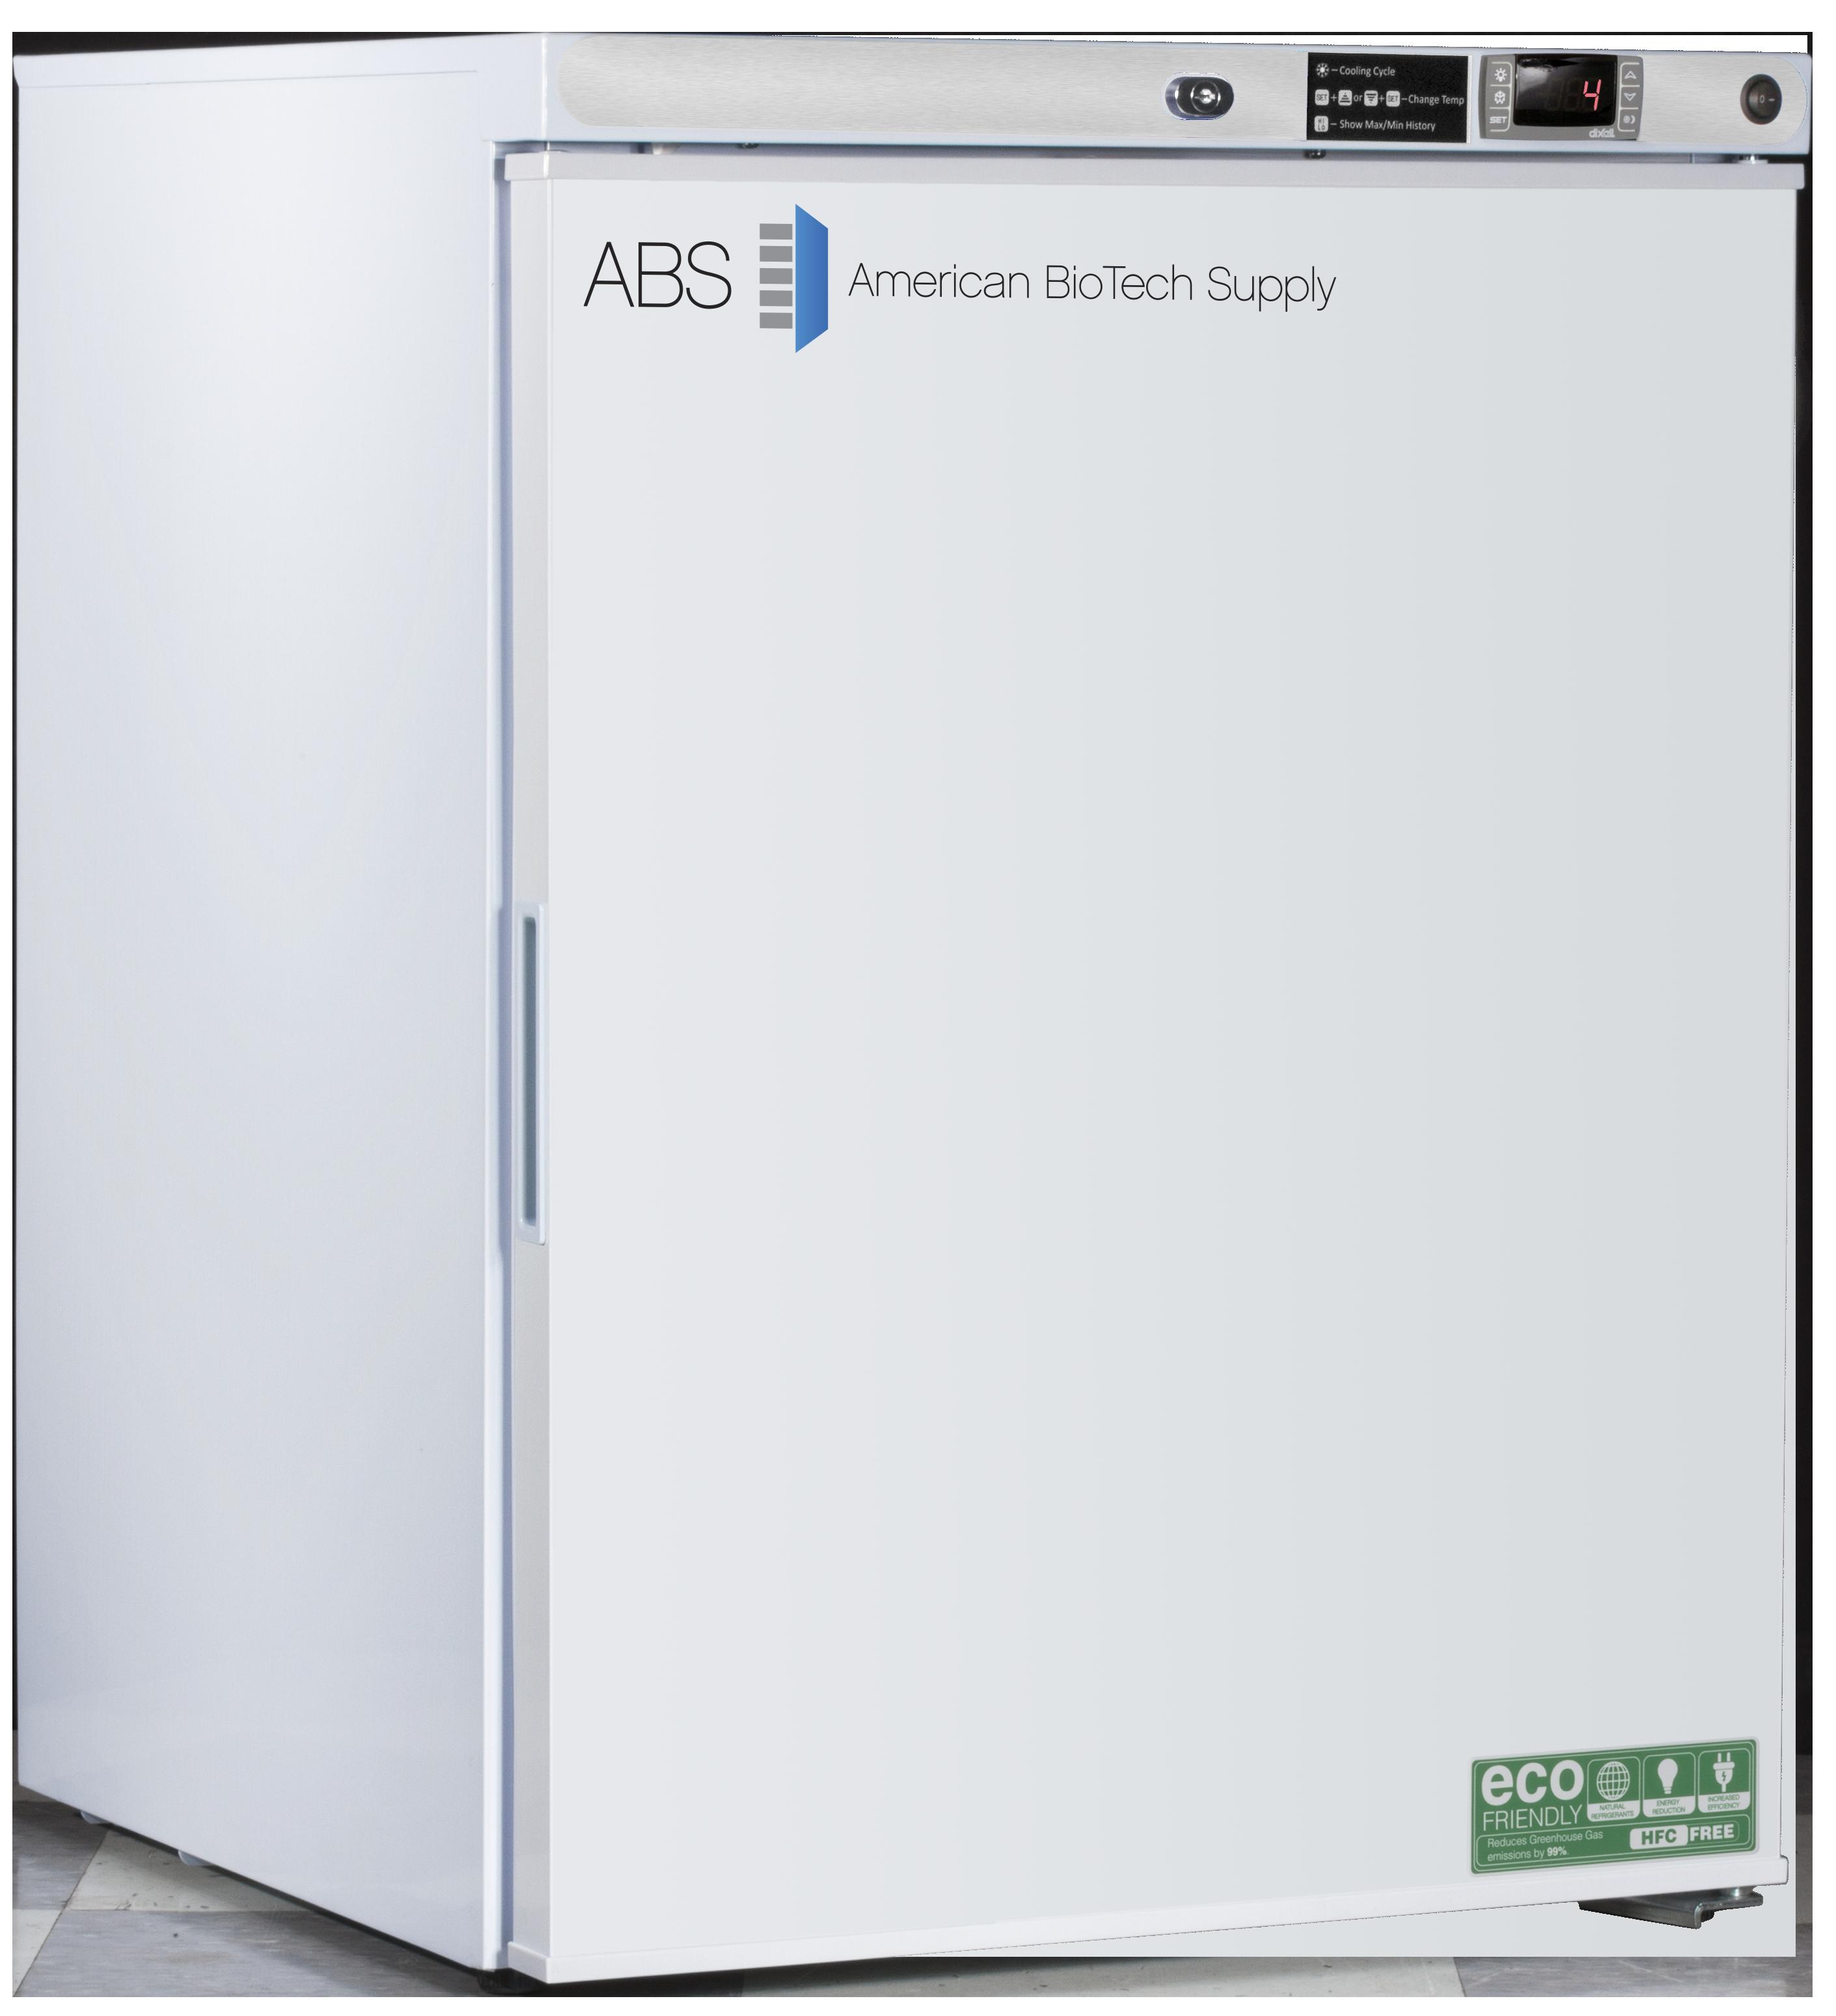 ABT-HC-UCFS-0504 Ext Image